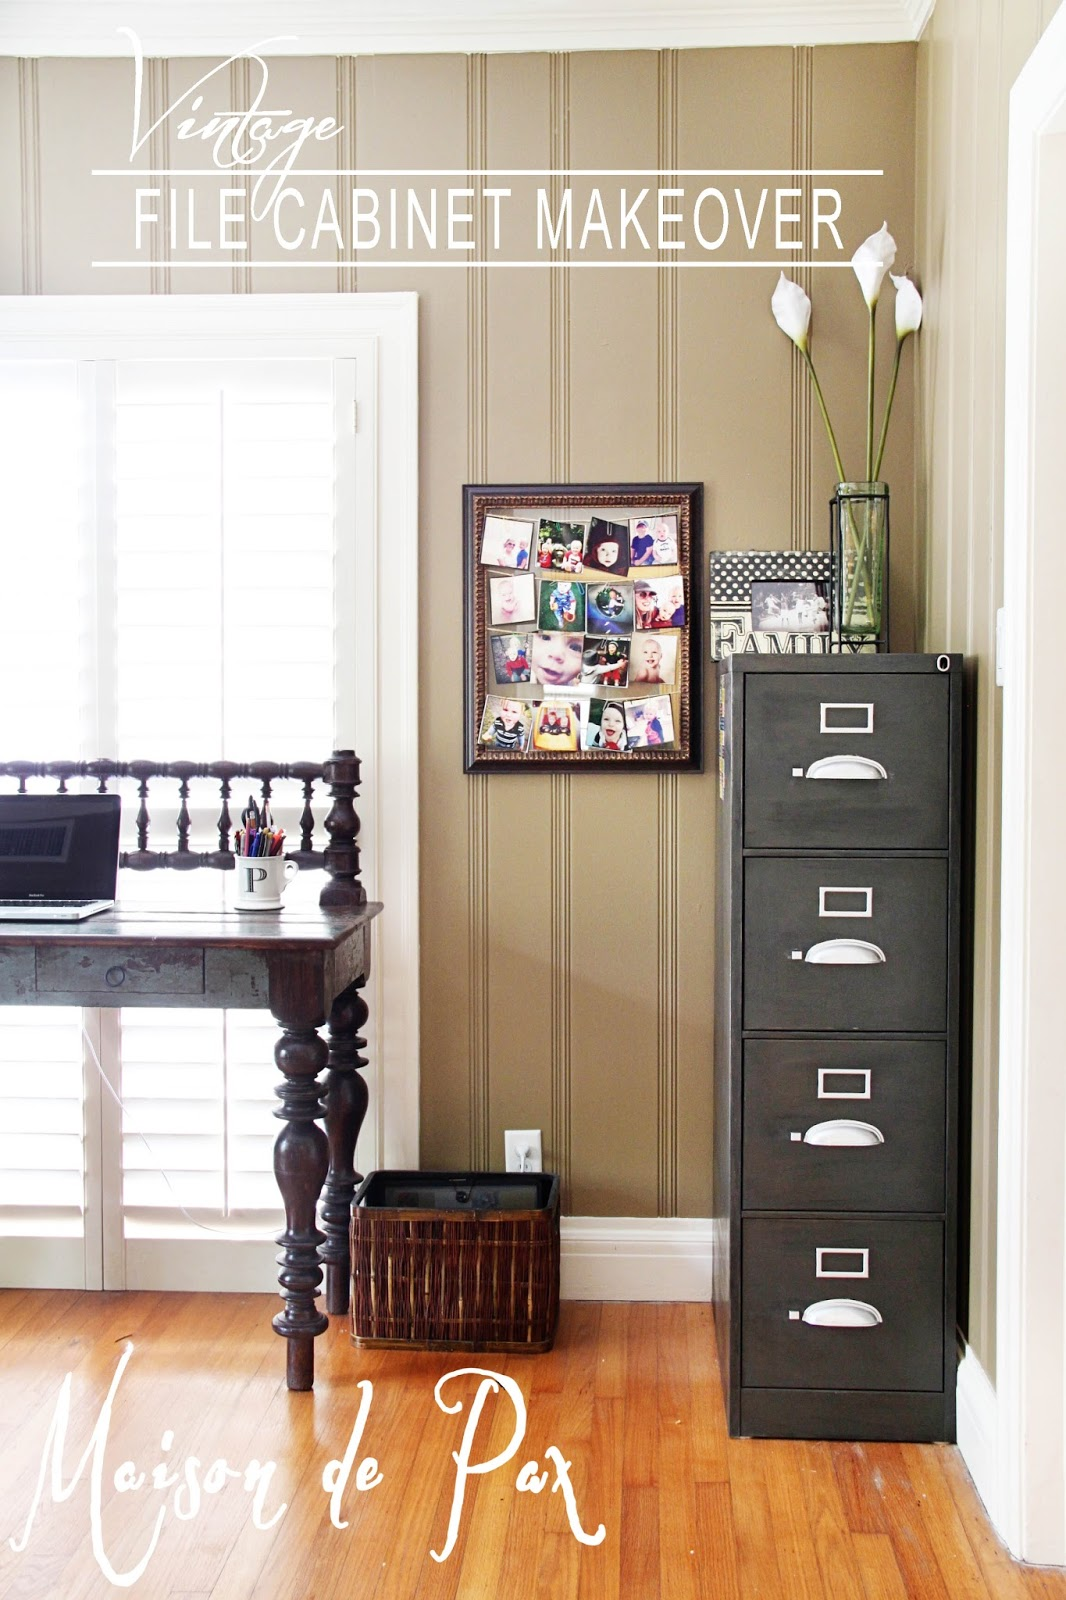 Vintage File Cabinet Makeover Maison de Pax